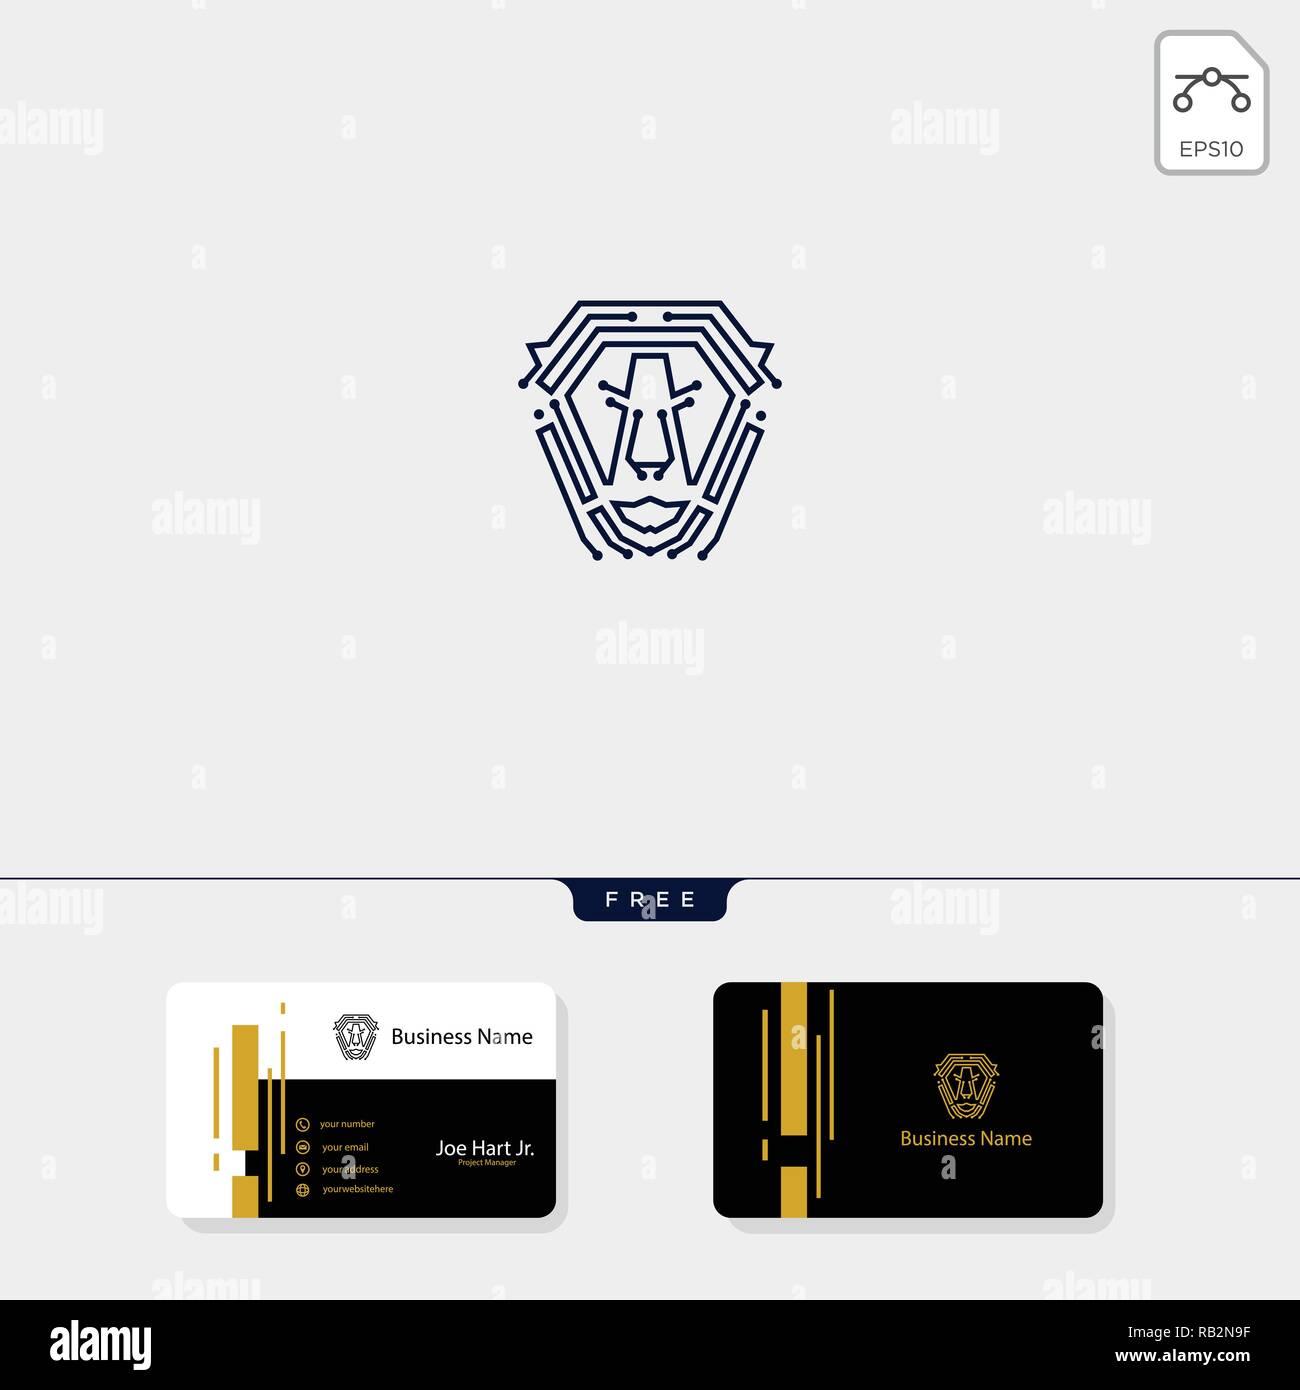 Logo Lion Tech Modele Icone Illustration Vectorielle Obtenez Gratuitement Un De Conception Carte Visite